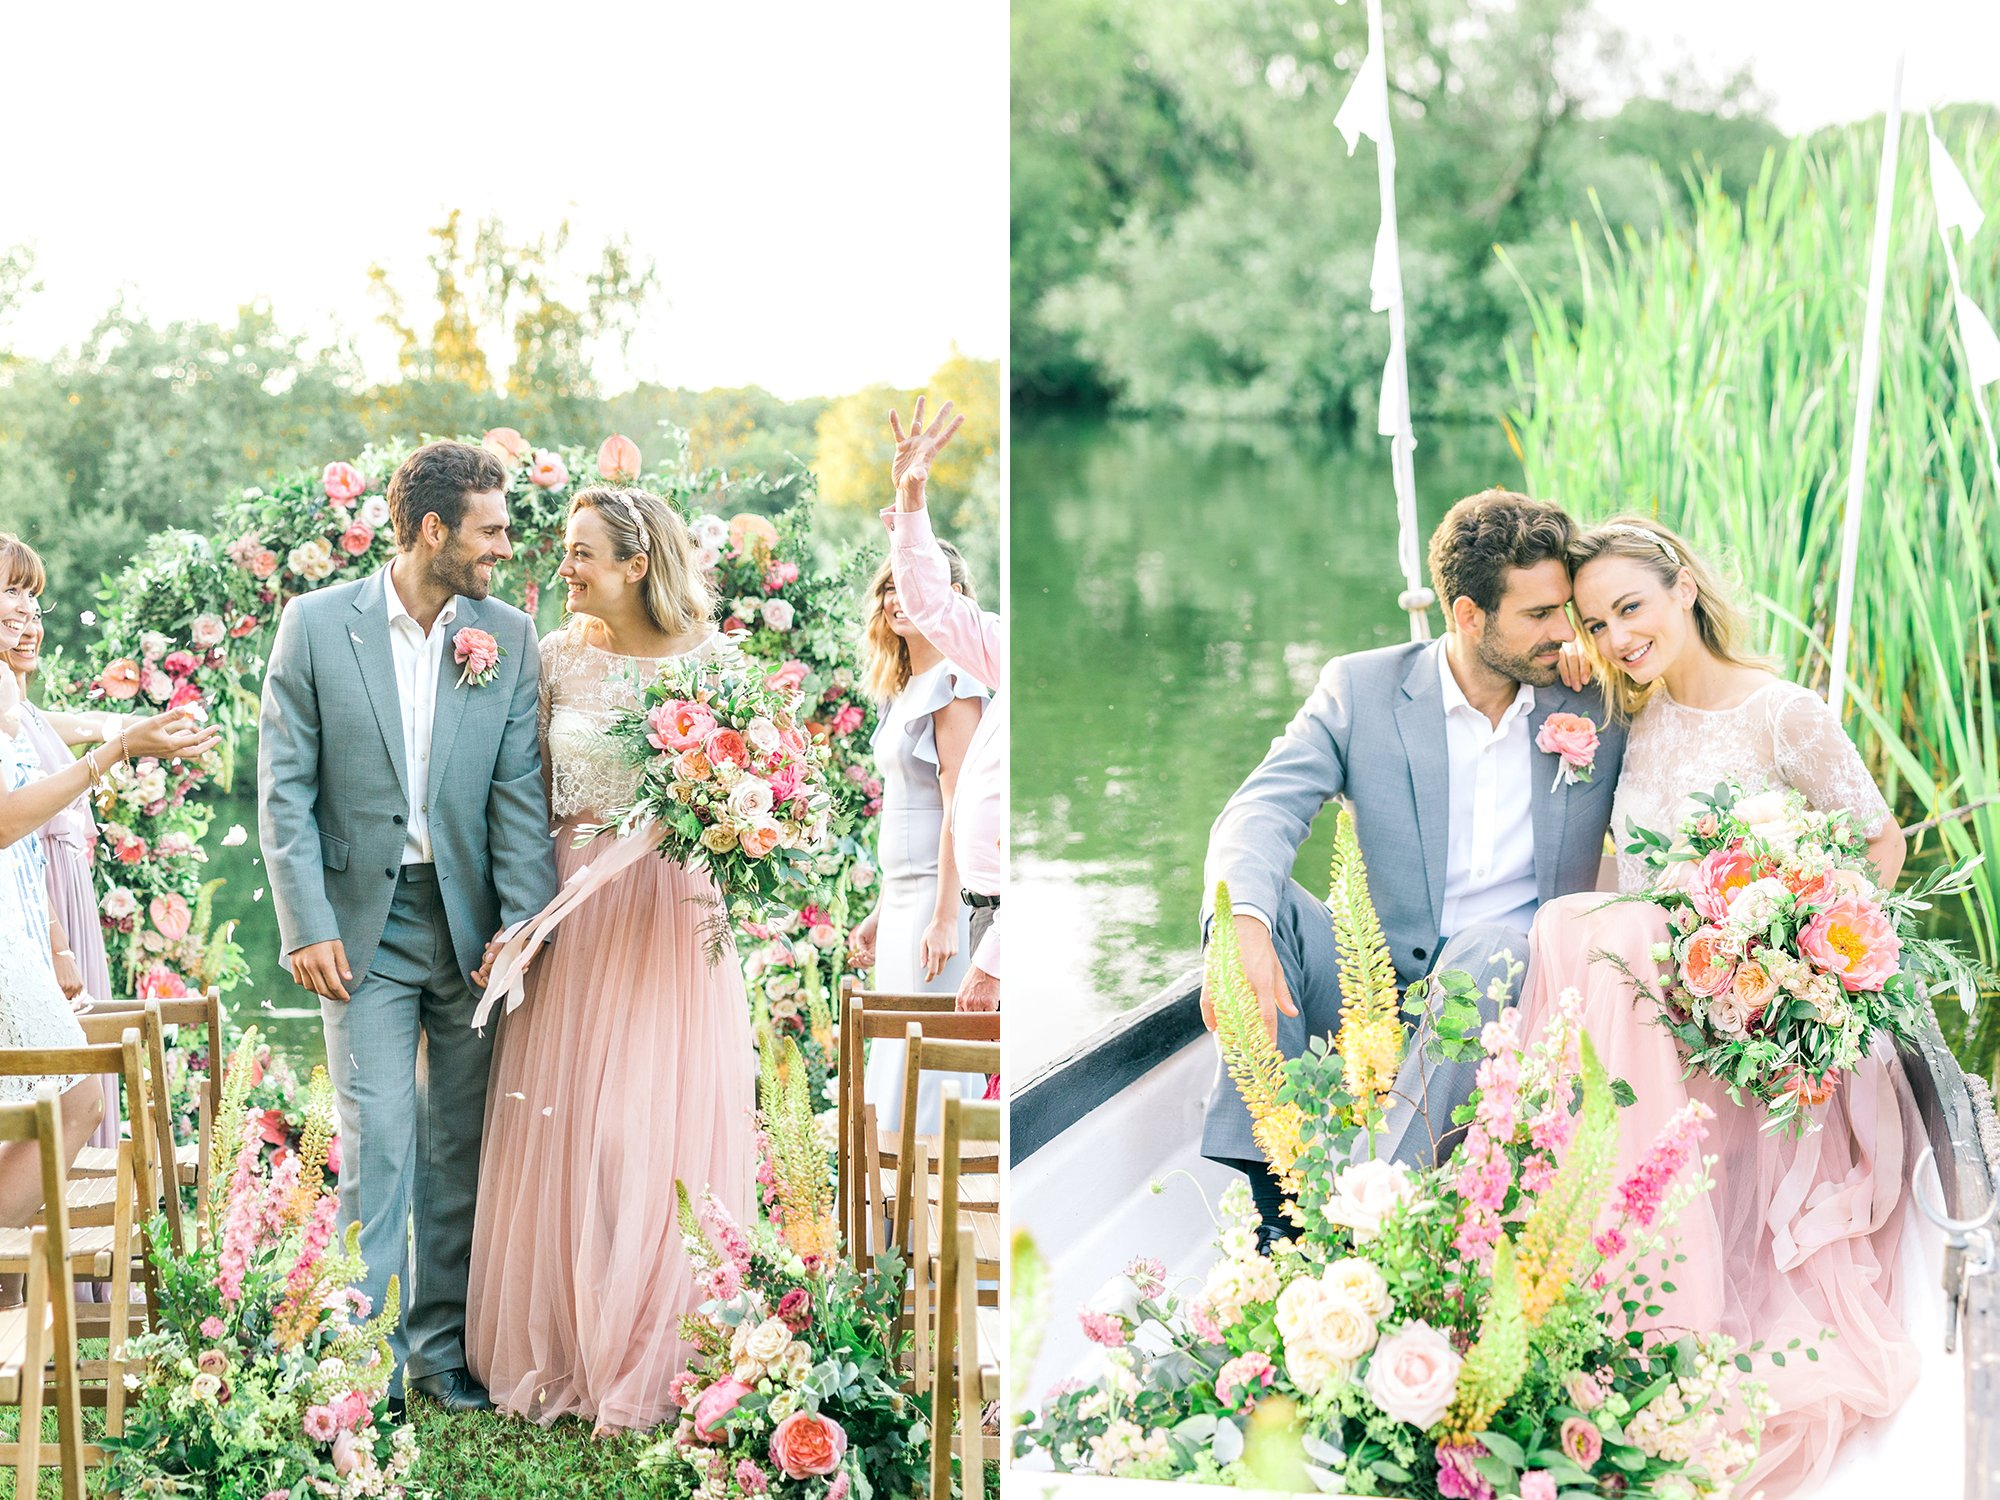 Lakeside Summer Wedding Inspiration | Flamboyant Invites